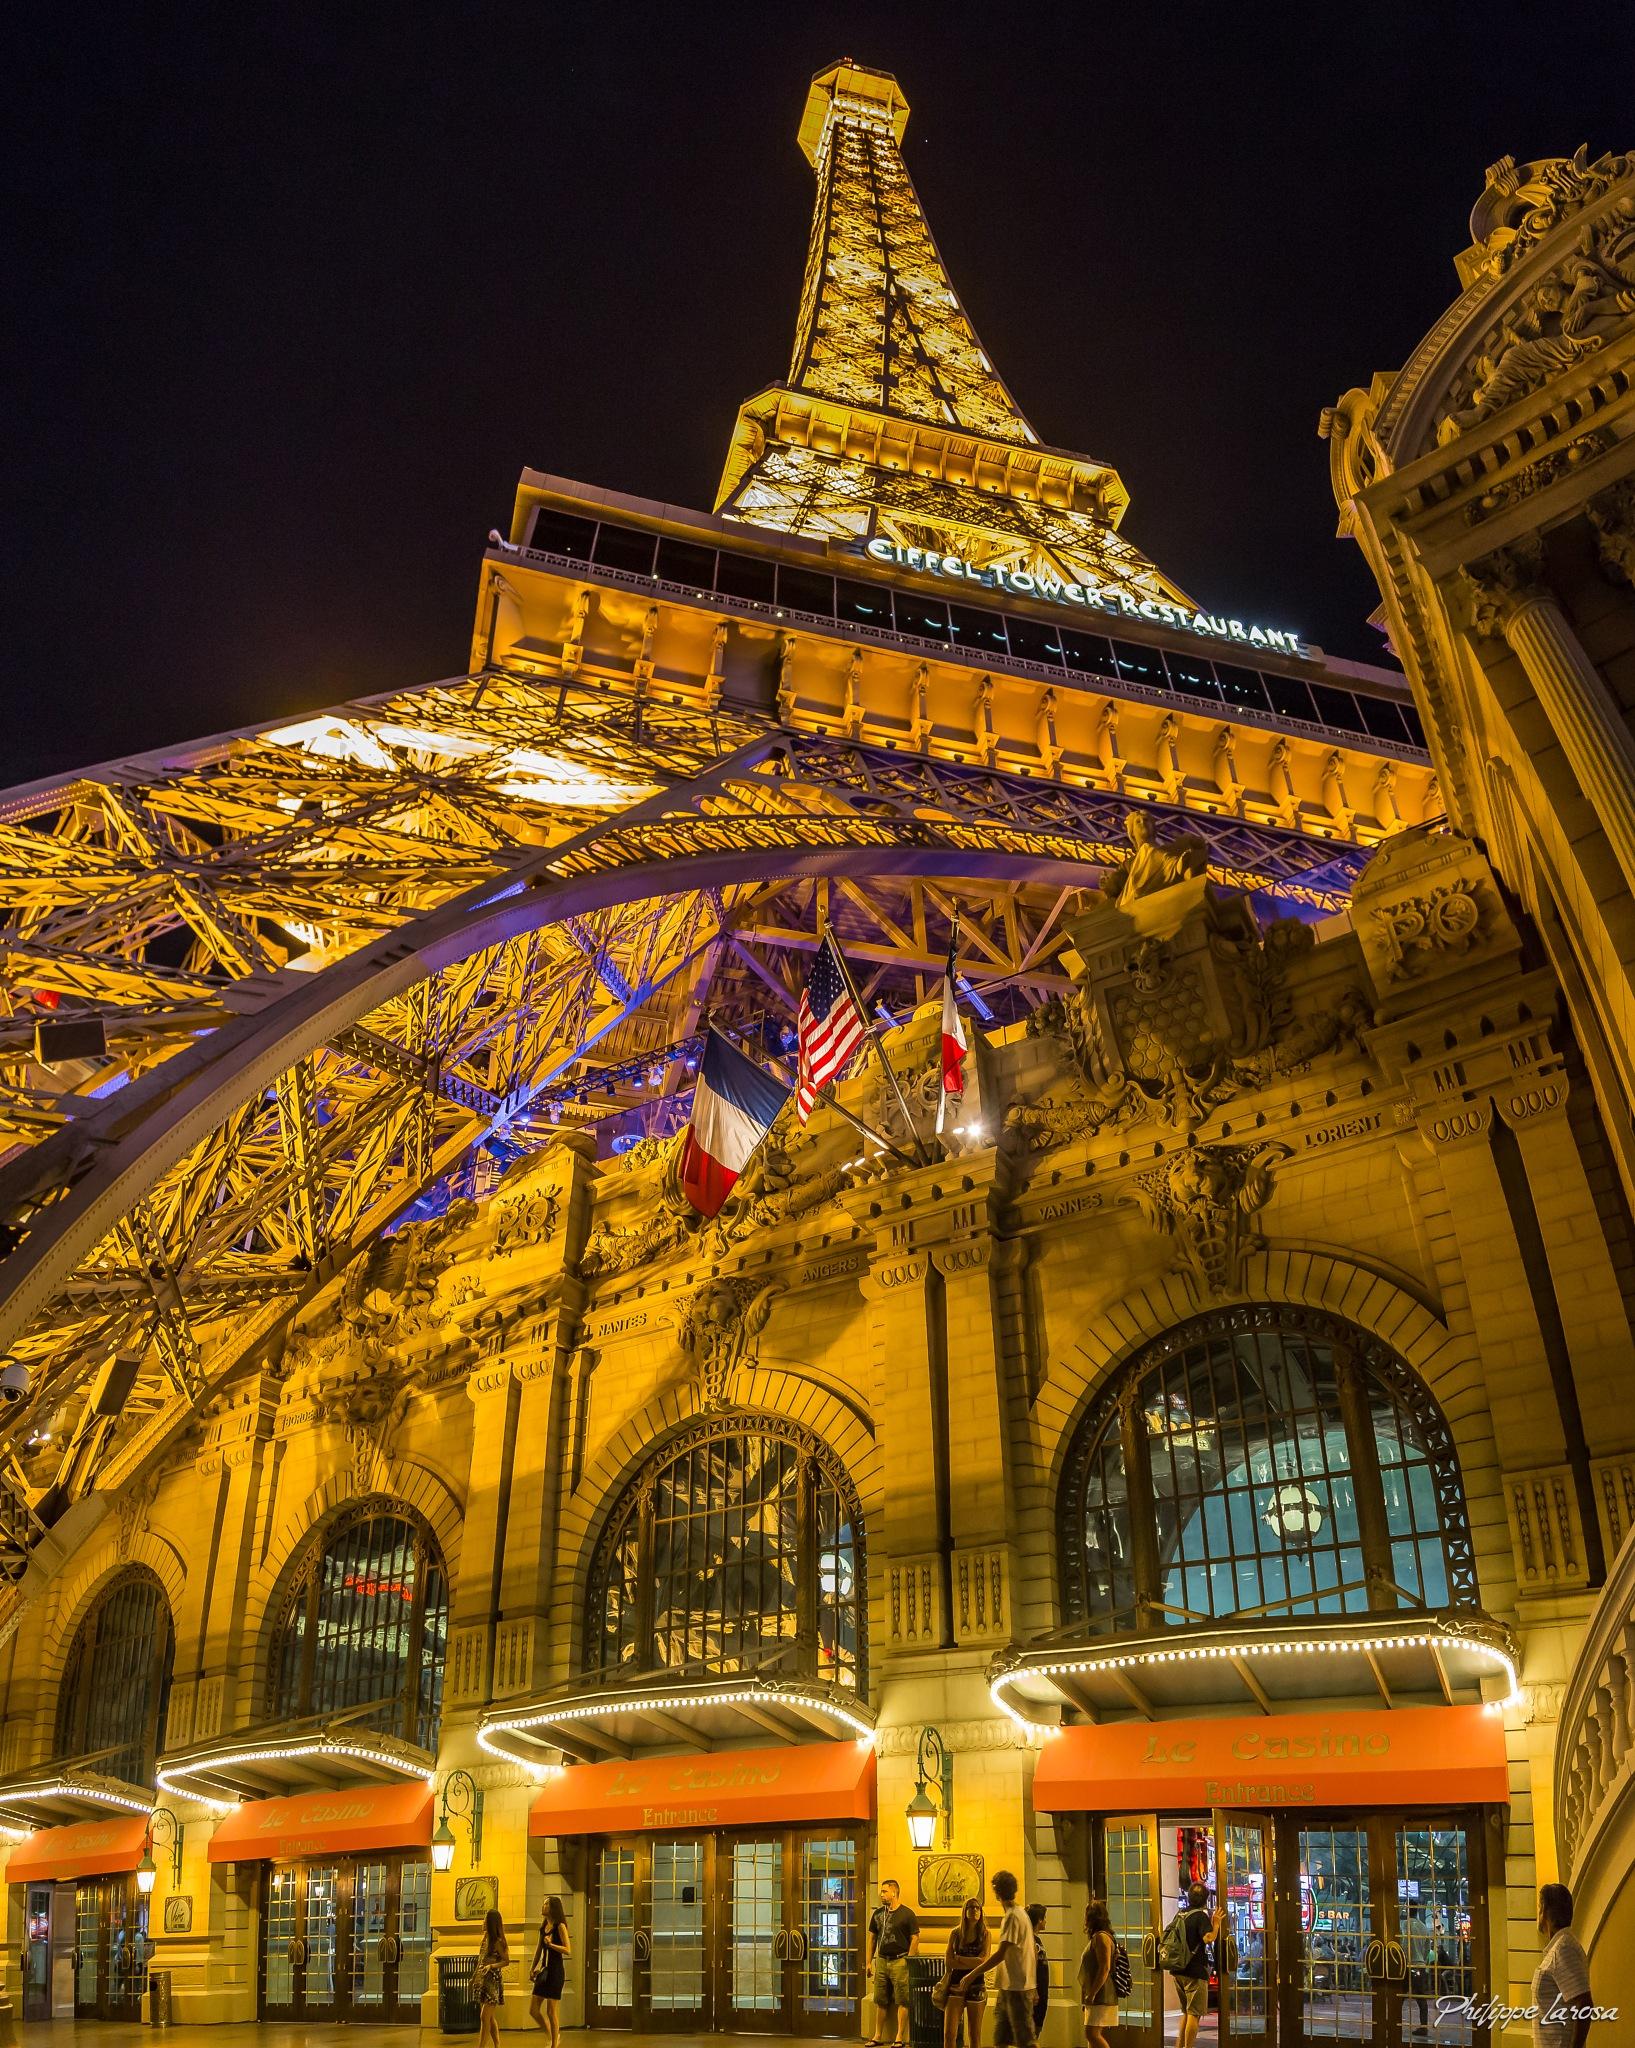 USA - Las Vegas - Paris Las Vegas Hotel & Casino by Philippe Larosa